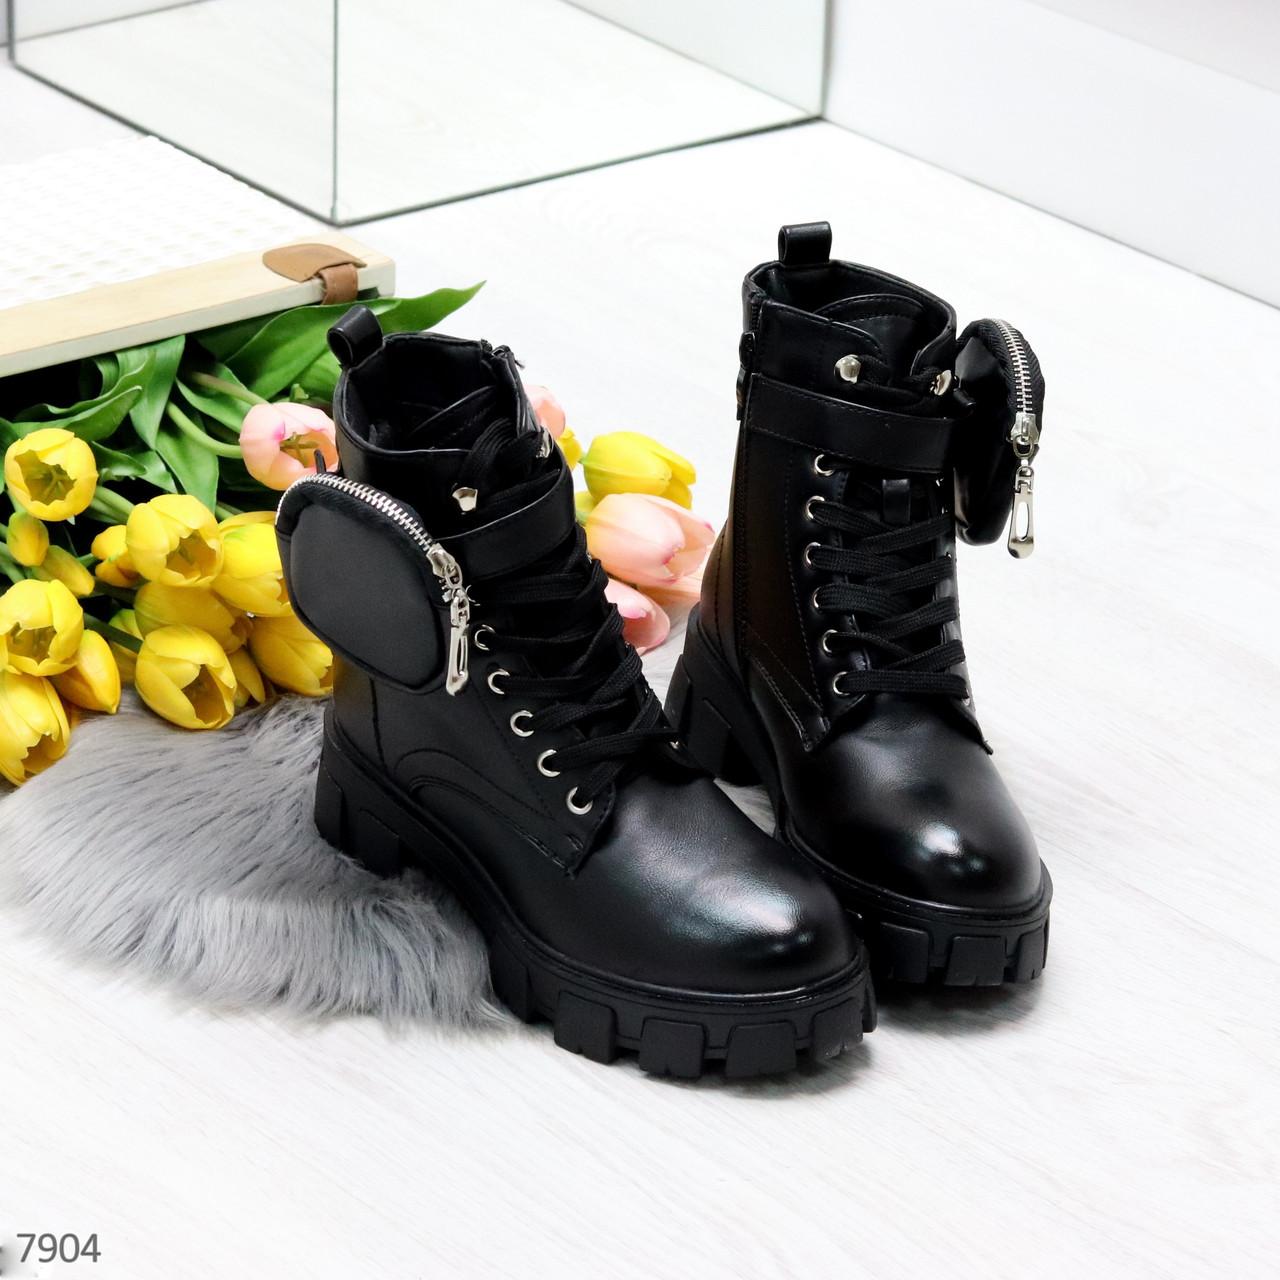 Дизайнерские черные женские зимние ботинки мартинсы с кошельками